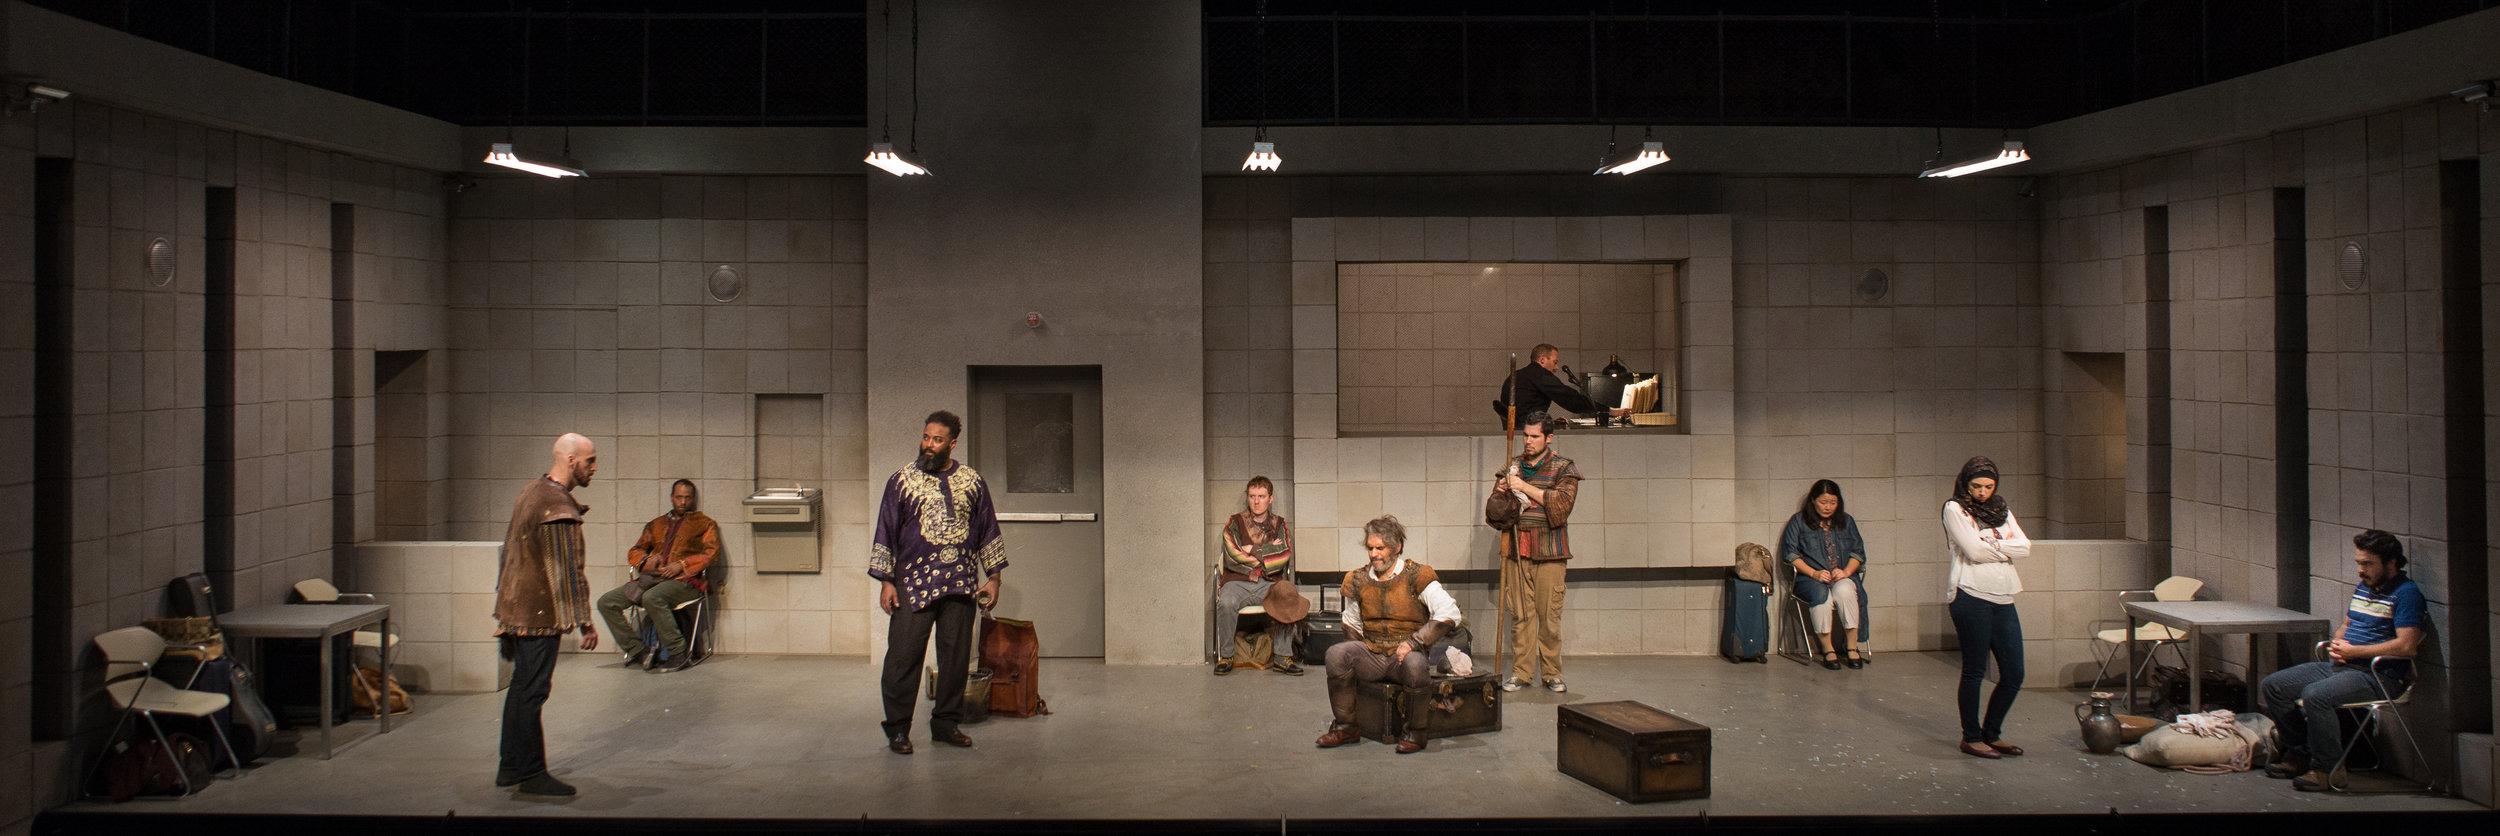 Man+of+LaMancha+-+Theater+Latte+Da+--4517.jpg